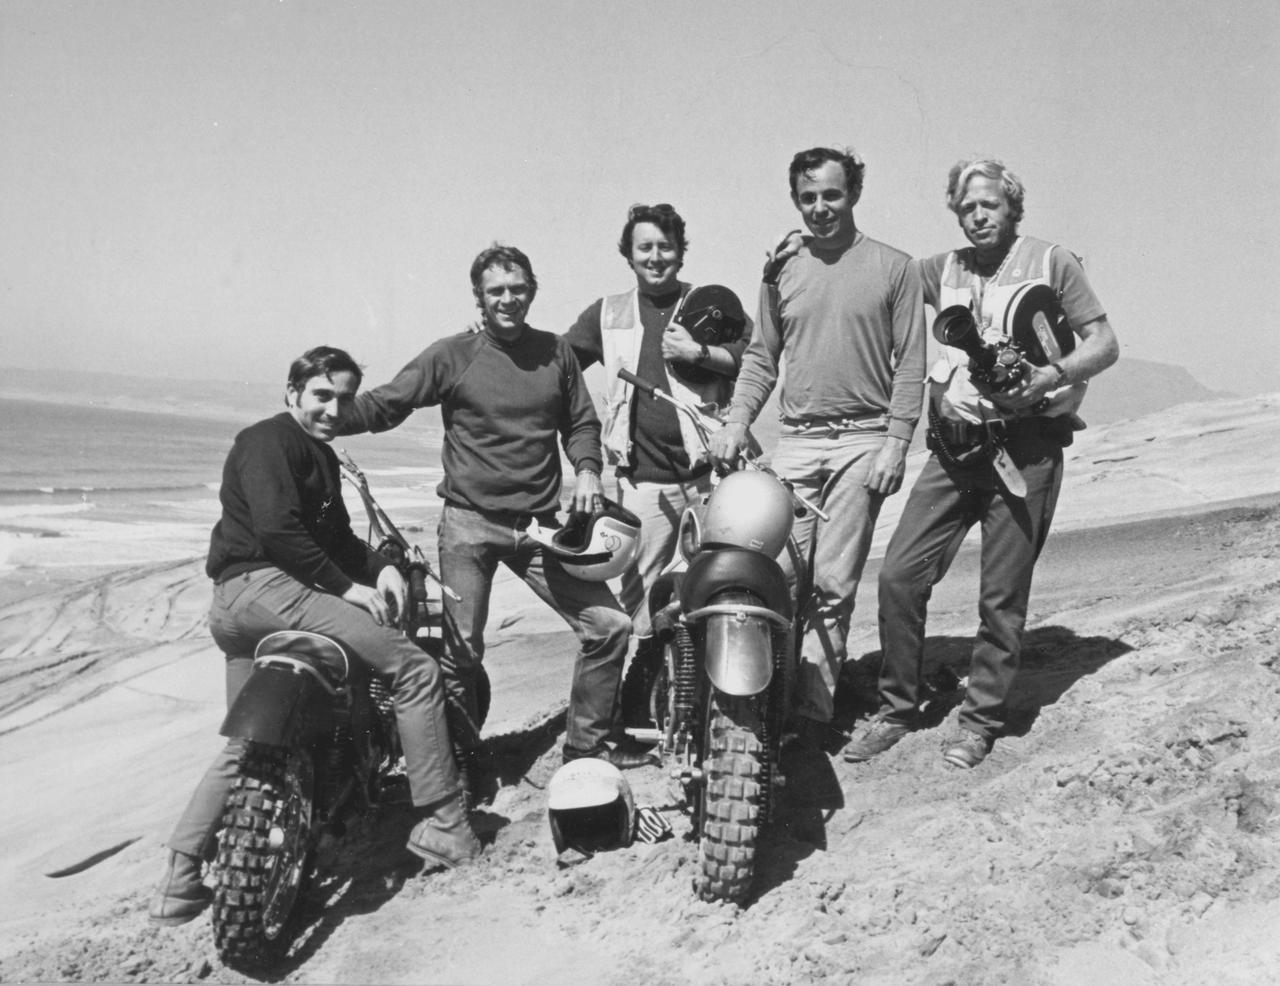 画像: 「On Any Sunday」ラストシーン撮影後の記念写真。左からマート・ローウィル、スティーブ・マックイーン、カメラマンのボブ・バグレー、マルコム・スミス、そしてブルース・ブラウンです。 www.influx.co.uk